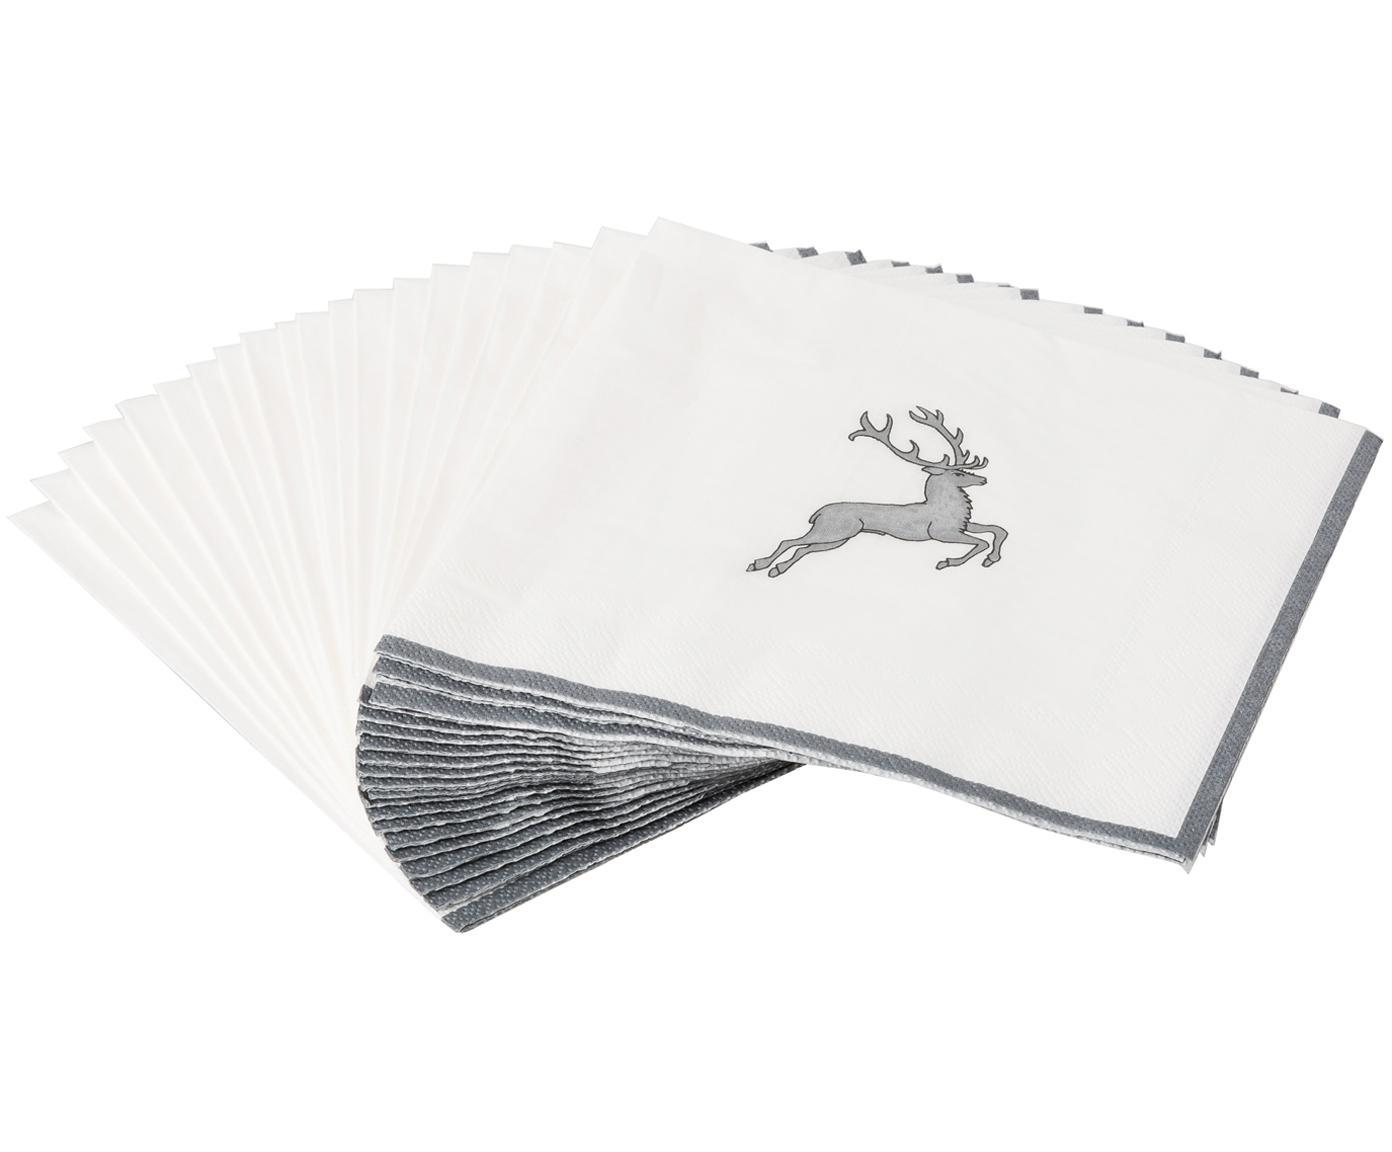 Papier-Servietten Grauer Hirsch, 20 Stück, Papier, Grau,Weiß, 33 x 33 cm